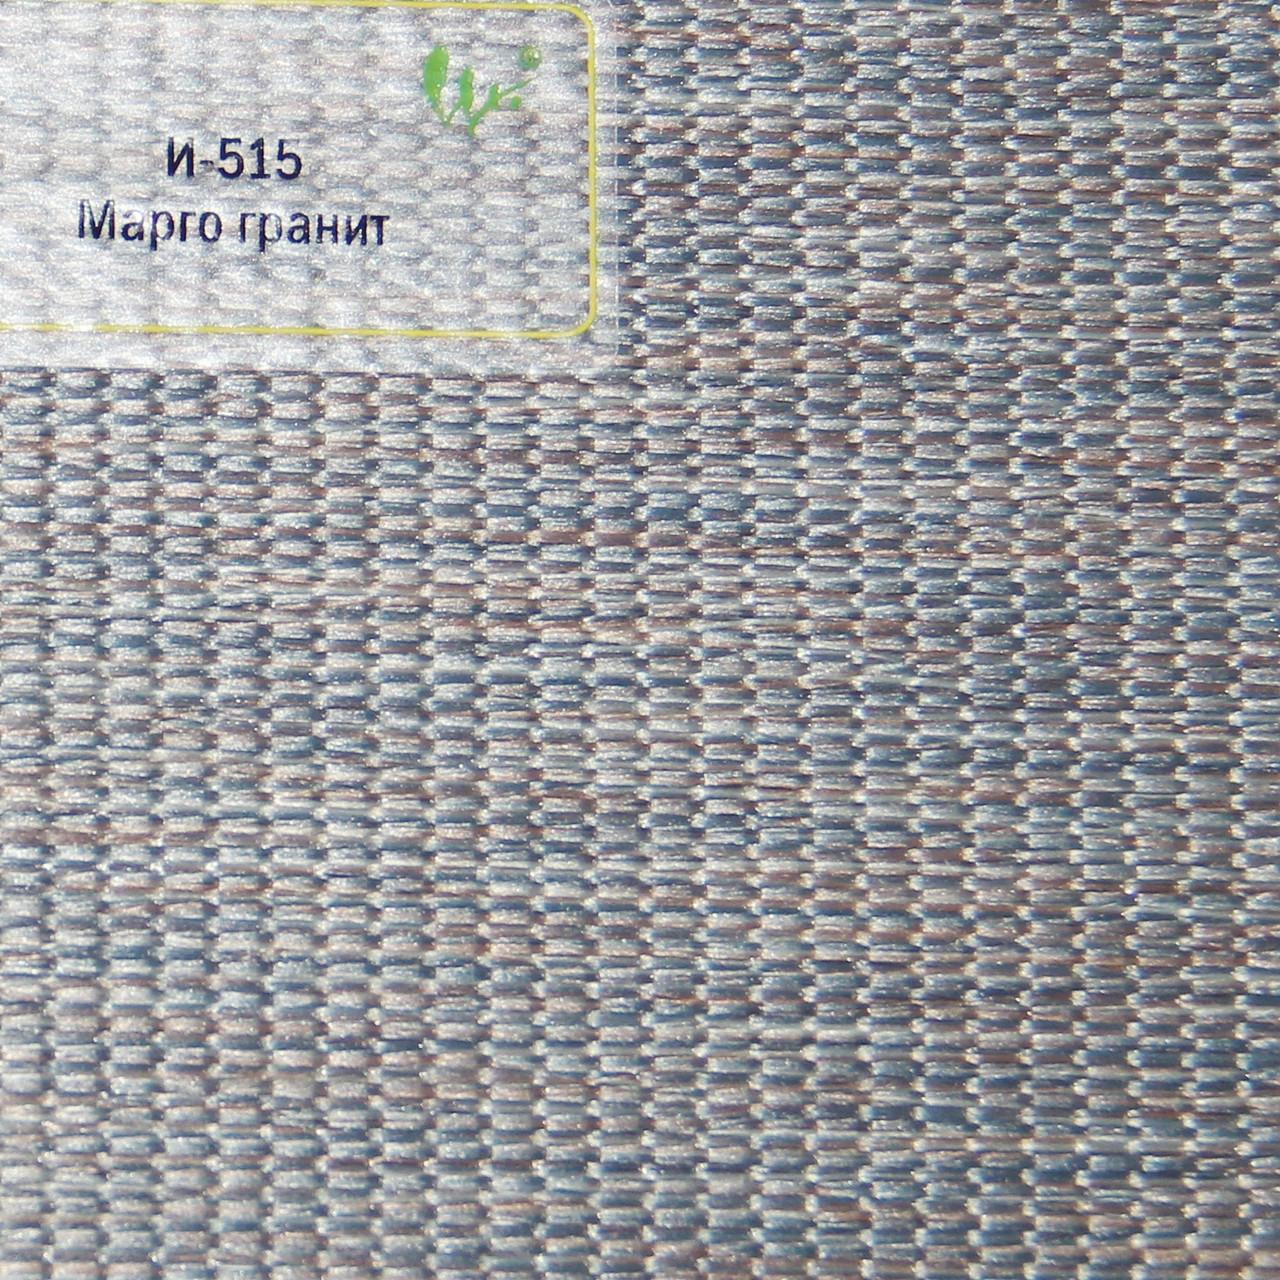 Рулонные шторы День-ночь Ткань Марго Гранит